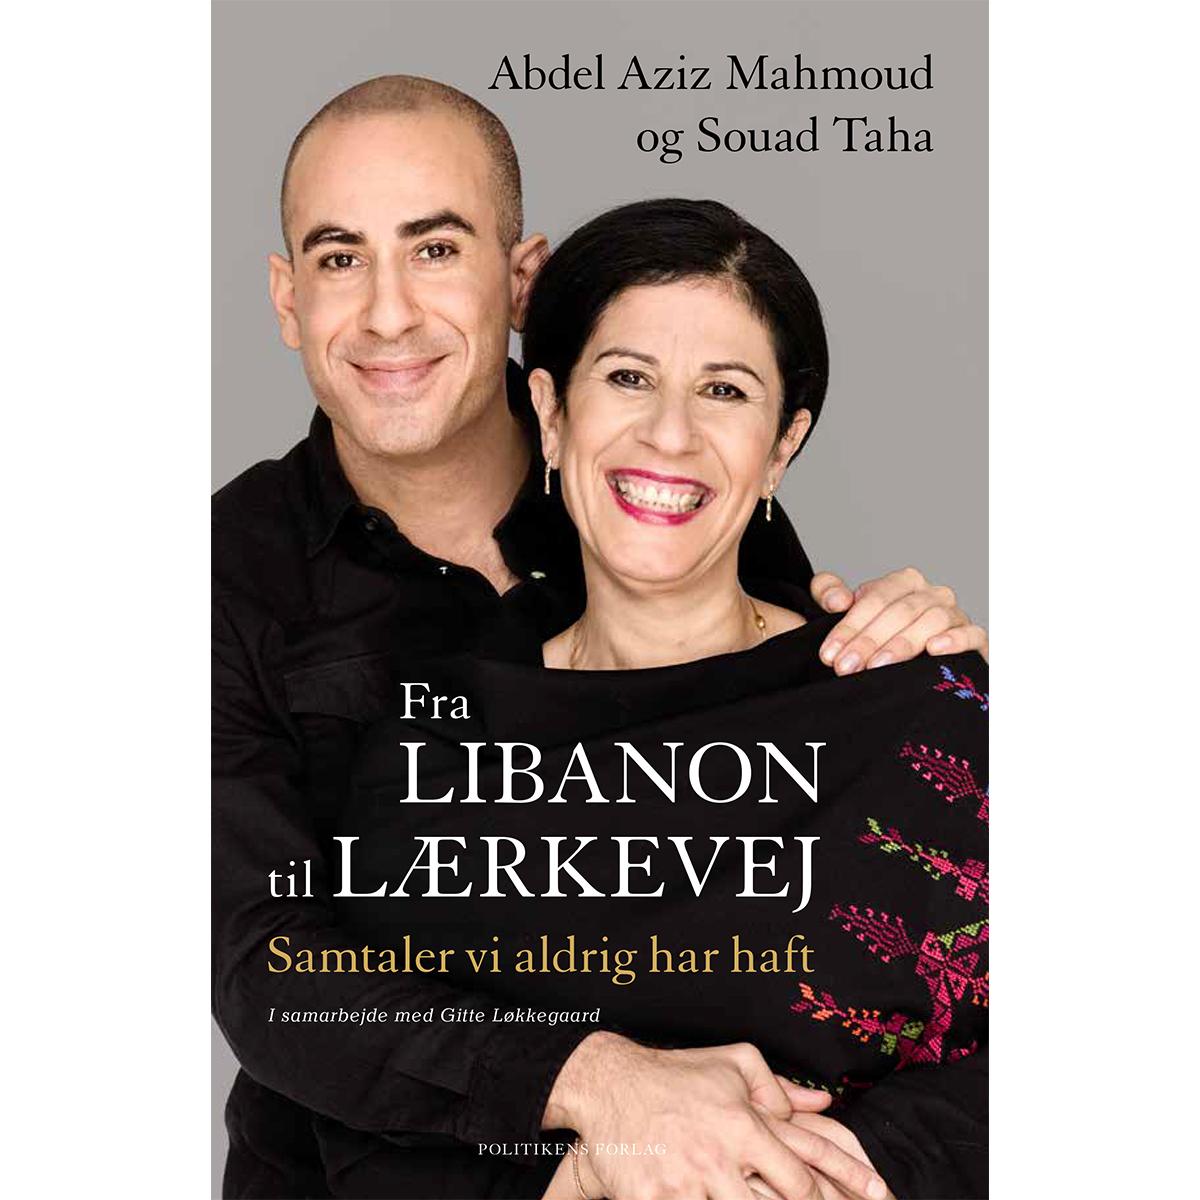 Fra Libanon til Lærkevej - Samtaler vi aldrig har haft - Hæftet